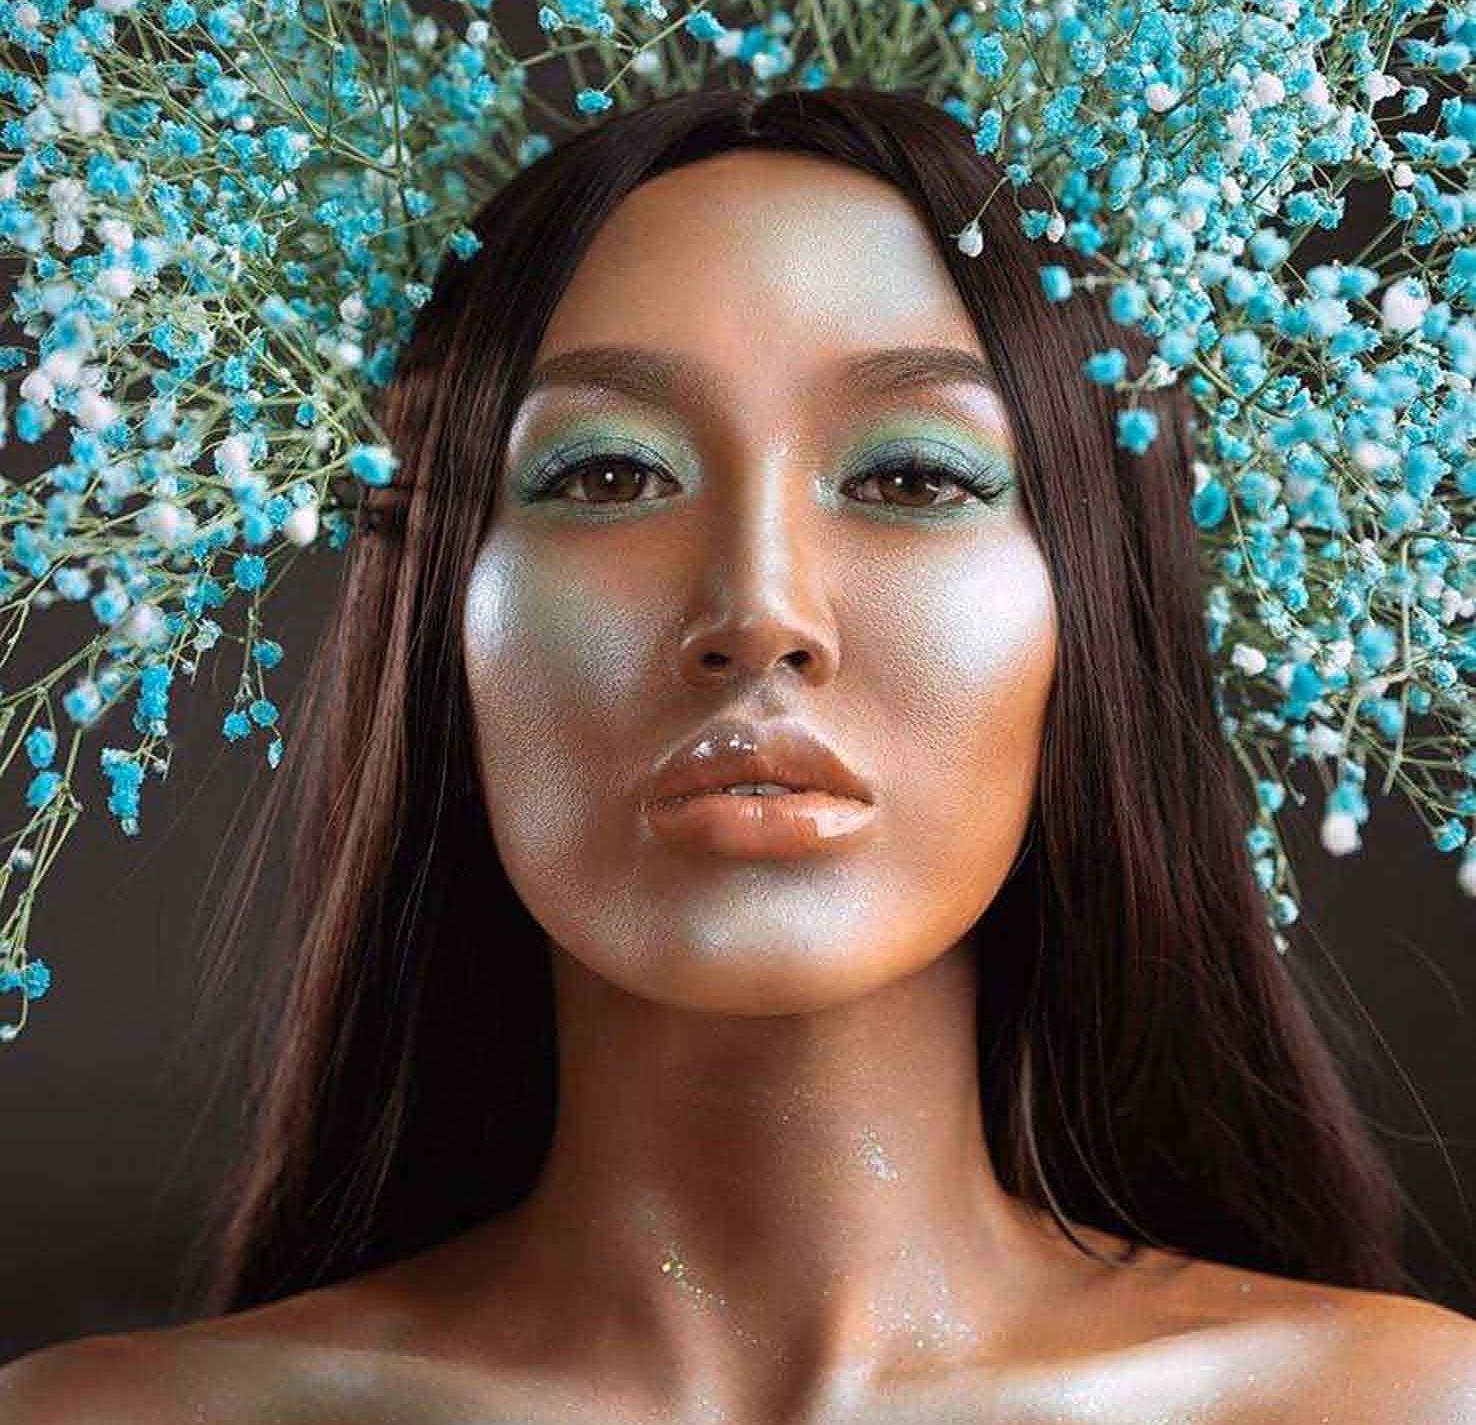 А.Баярзаяа: Монгол охид натурал шаргал арьстай мөртлөө цагаан крем түрхдэг нь хамгийн том алдаа